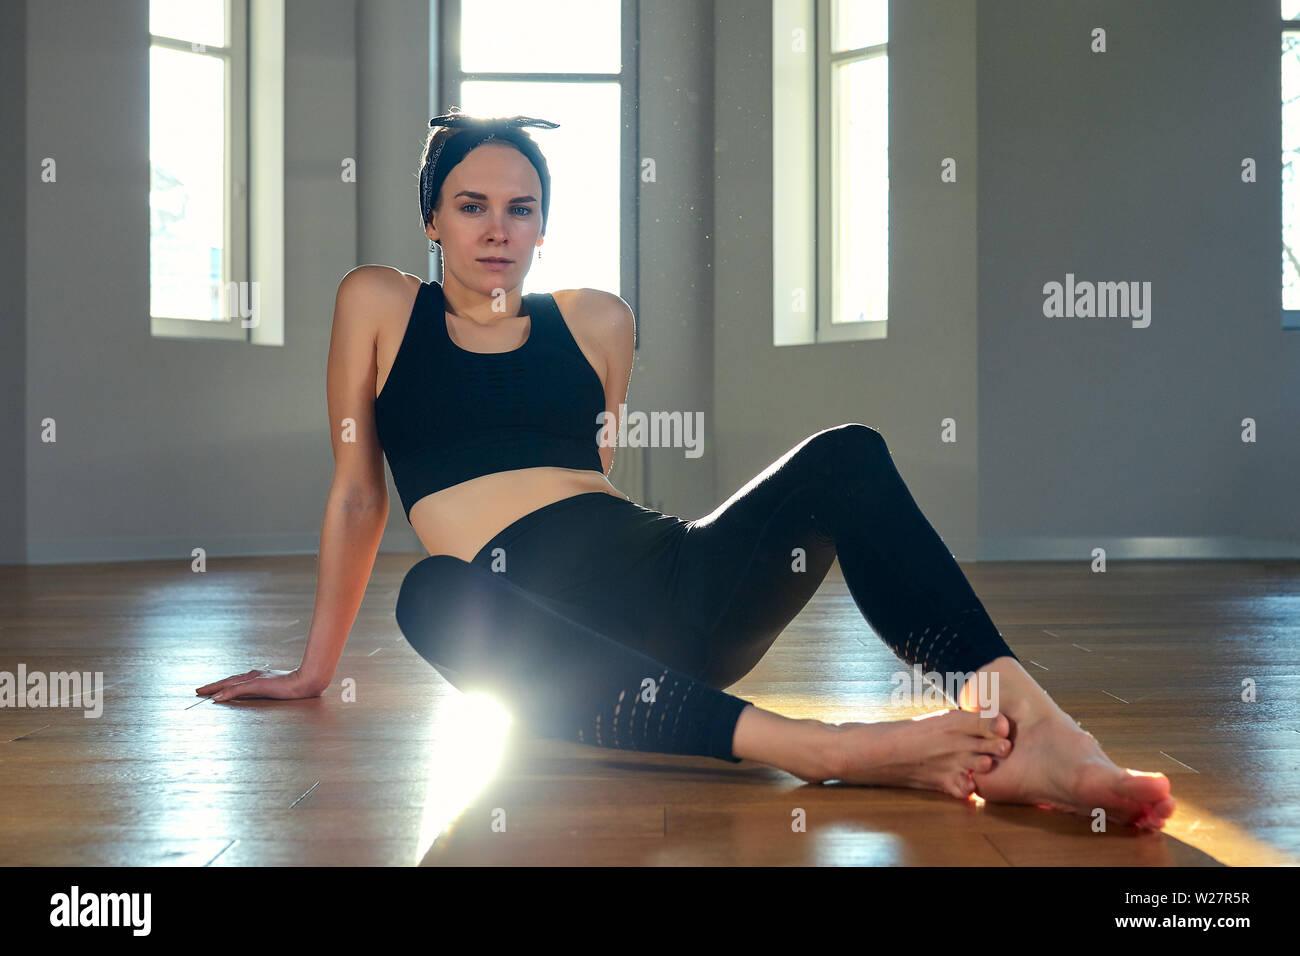 Eine Frau übt Yoga im Fitnessraum in der Morgendämmerung. Konzentration, strahlender Sonnenschein, Stretching, gesunden Lebensstil. Stockbild